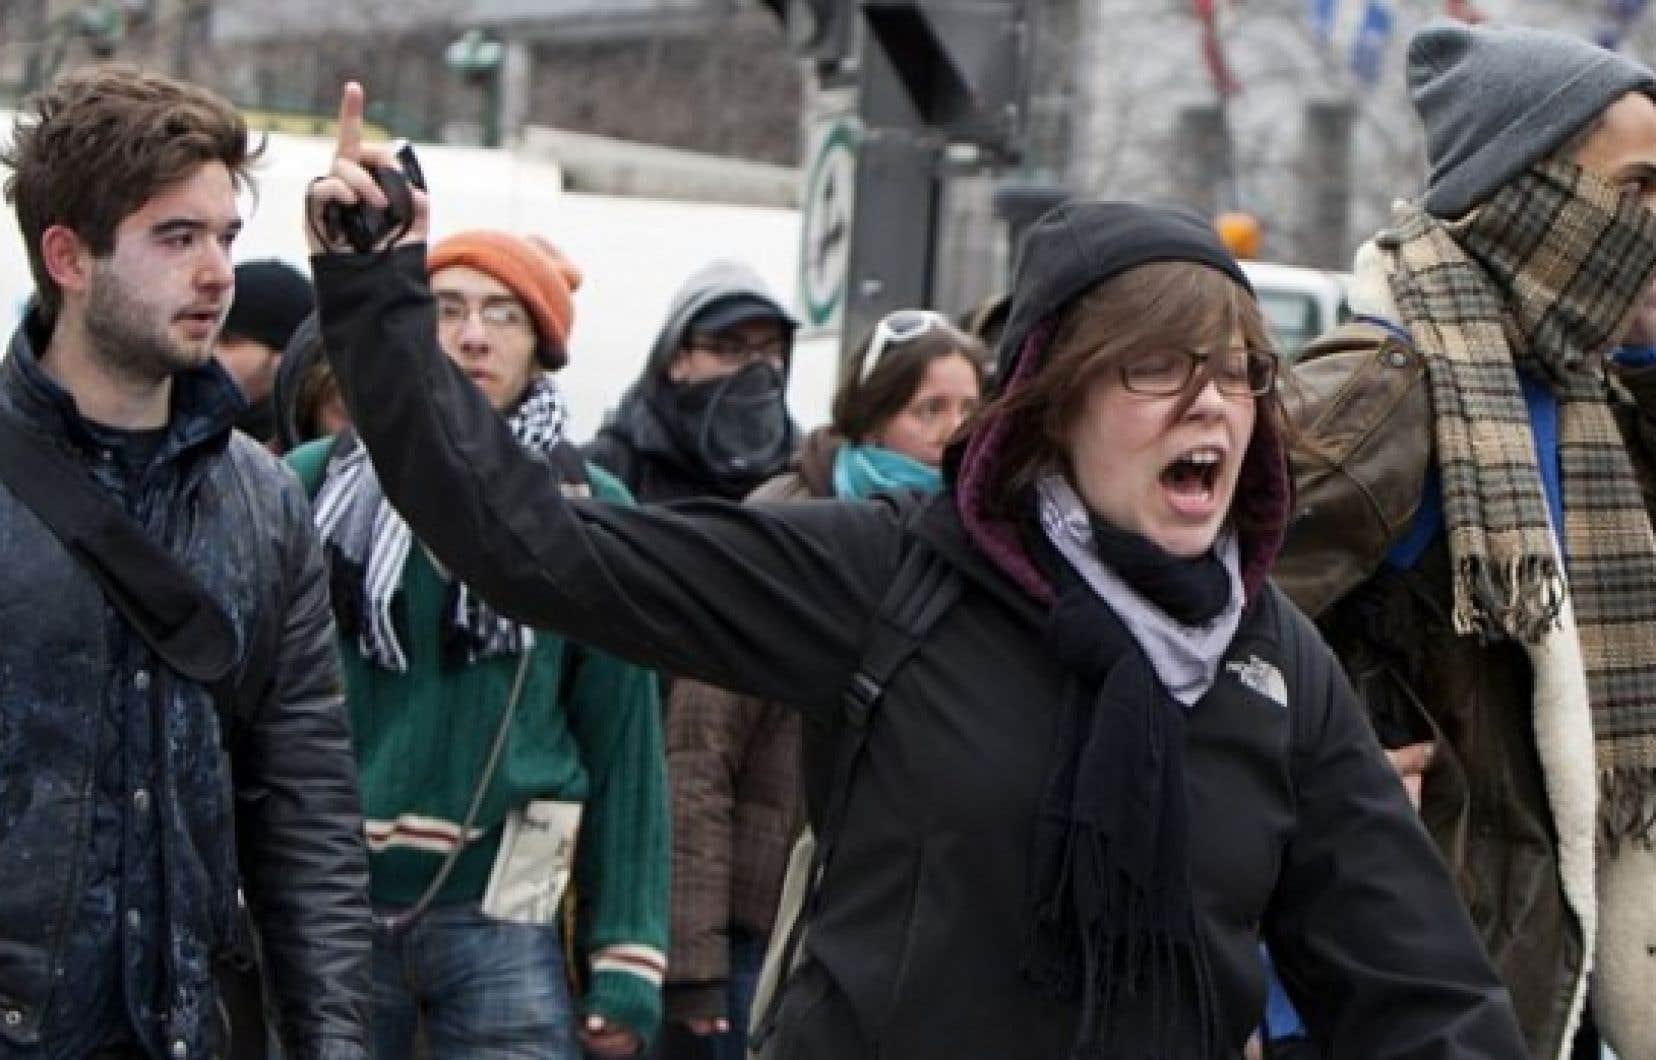 Les policiers ont dispersé ce matin les quelques dizaines d'étudiants qui bloquaient l'entrée d'un immeuble de la Banque Nationale situé sur la rue de la Gauchetière Ouest, à Montréal.